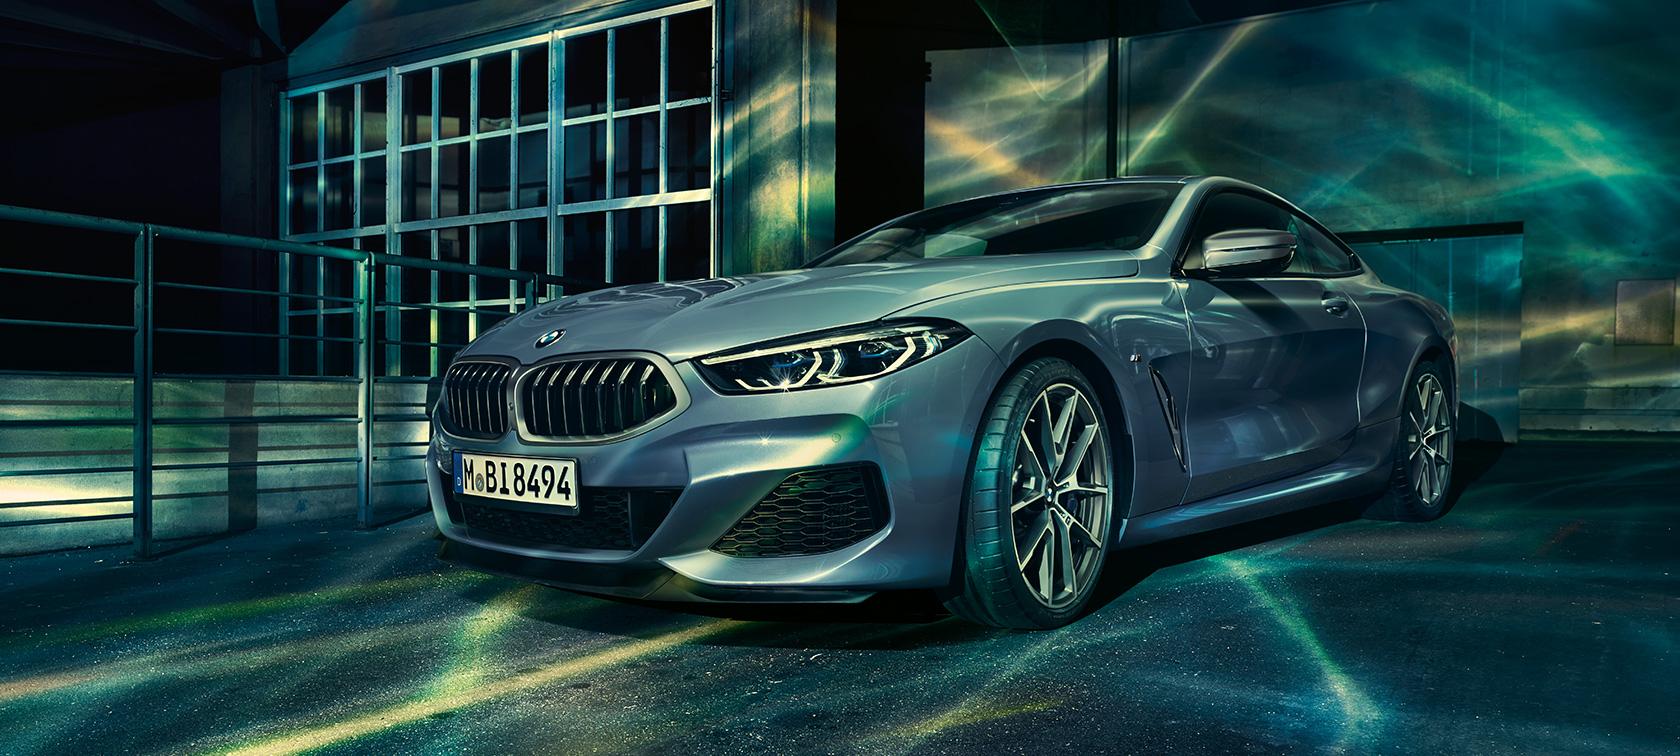 Coupés BMW | Tous les modèles | BMW.fr